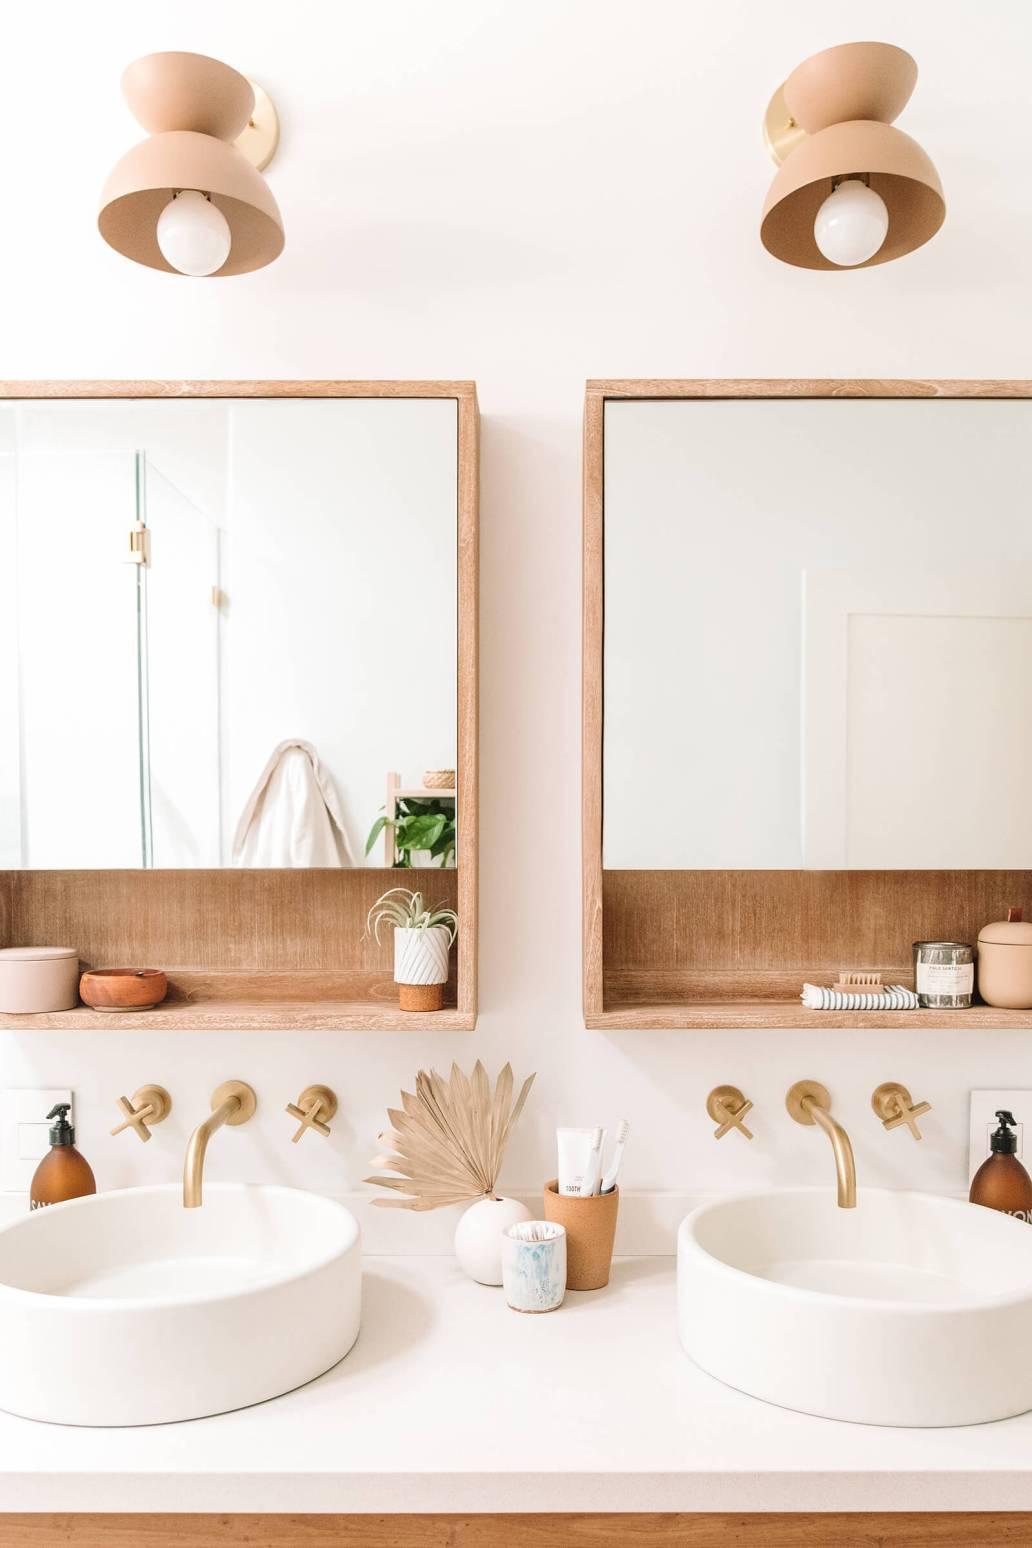 salle de bain bois ambiance slow living 1365x2048 - Tendance Slow life : découvrir la décoration Slow living ou la Slow déco ?